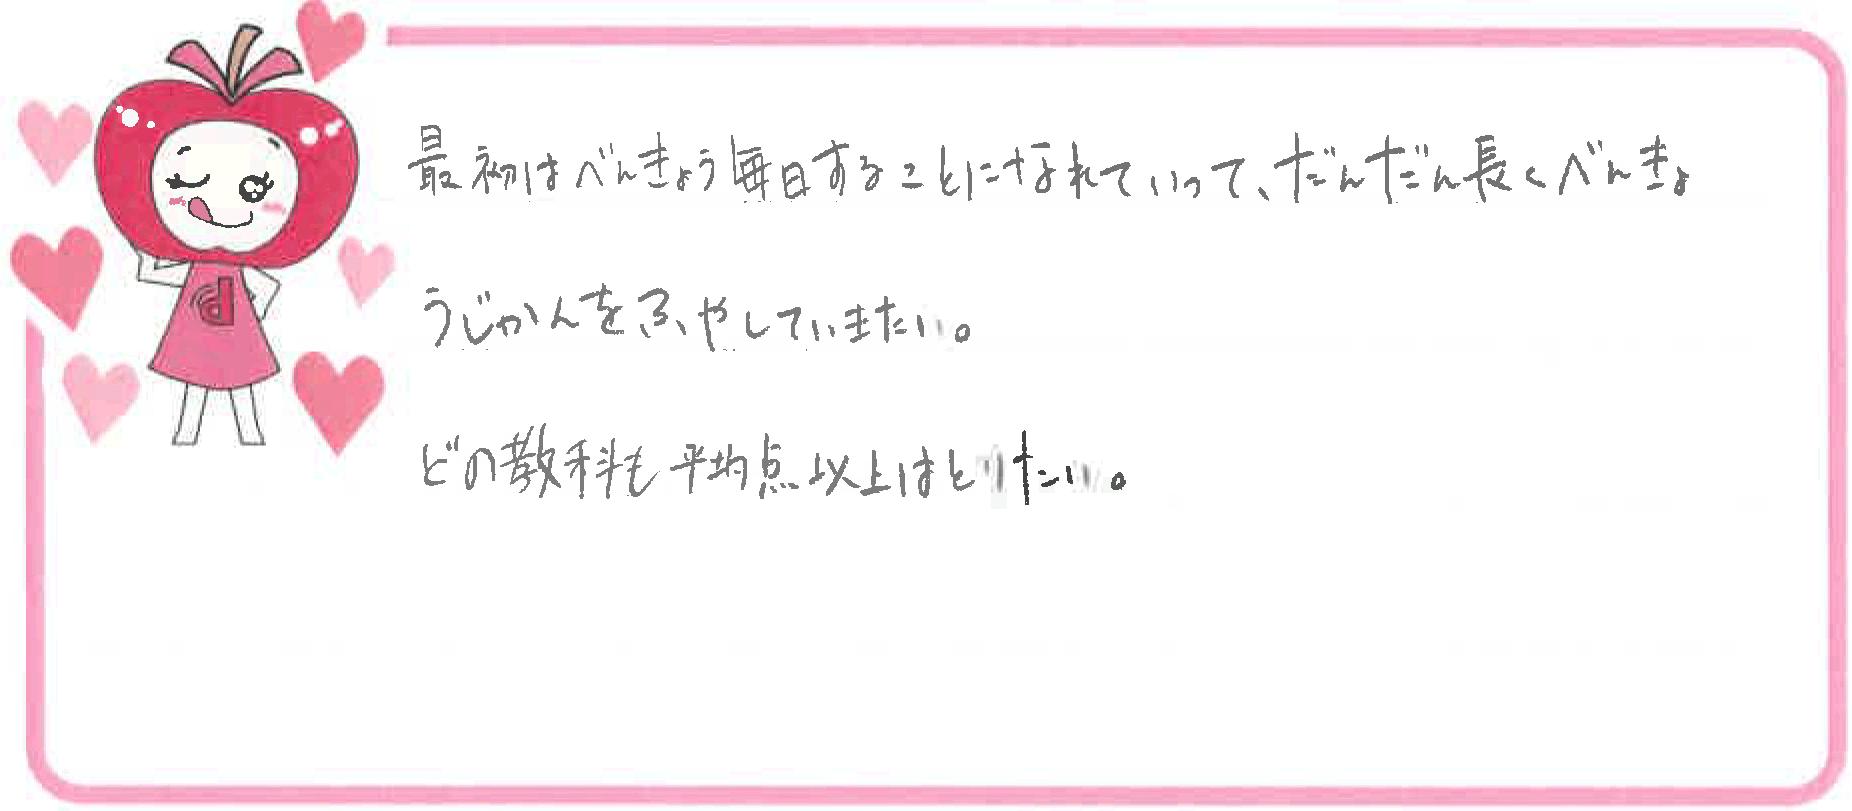 Mちゃん(神崎郡福崎町)からの口コミ